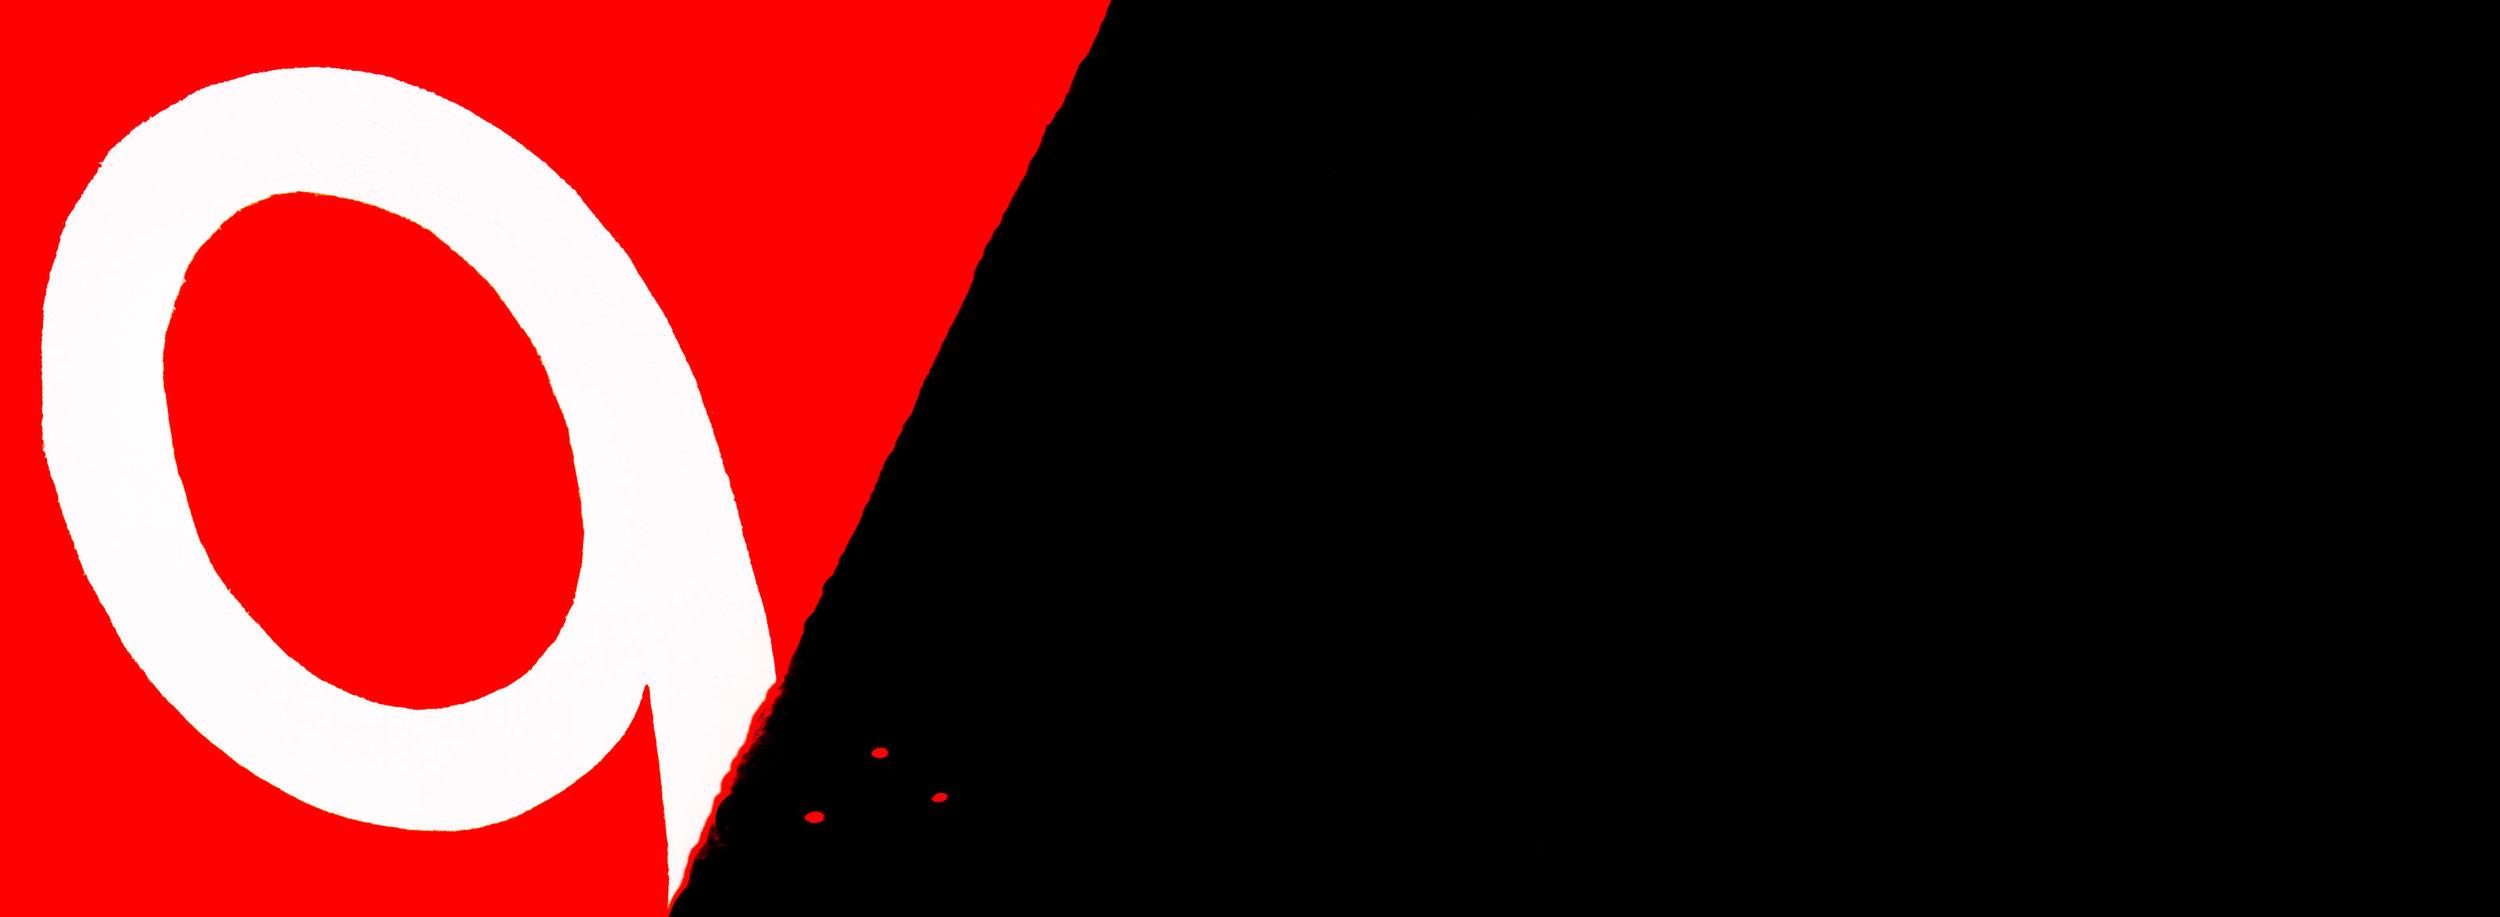 6_or_9_by_Gregg_Albracht.jpg